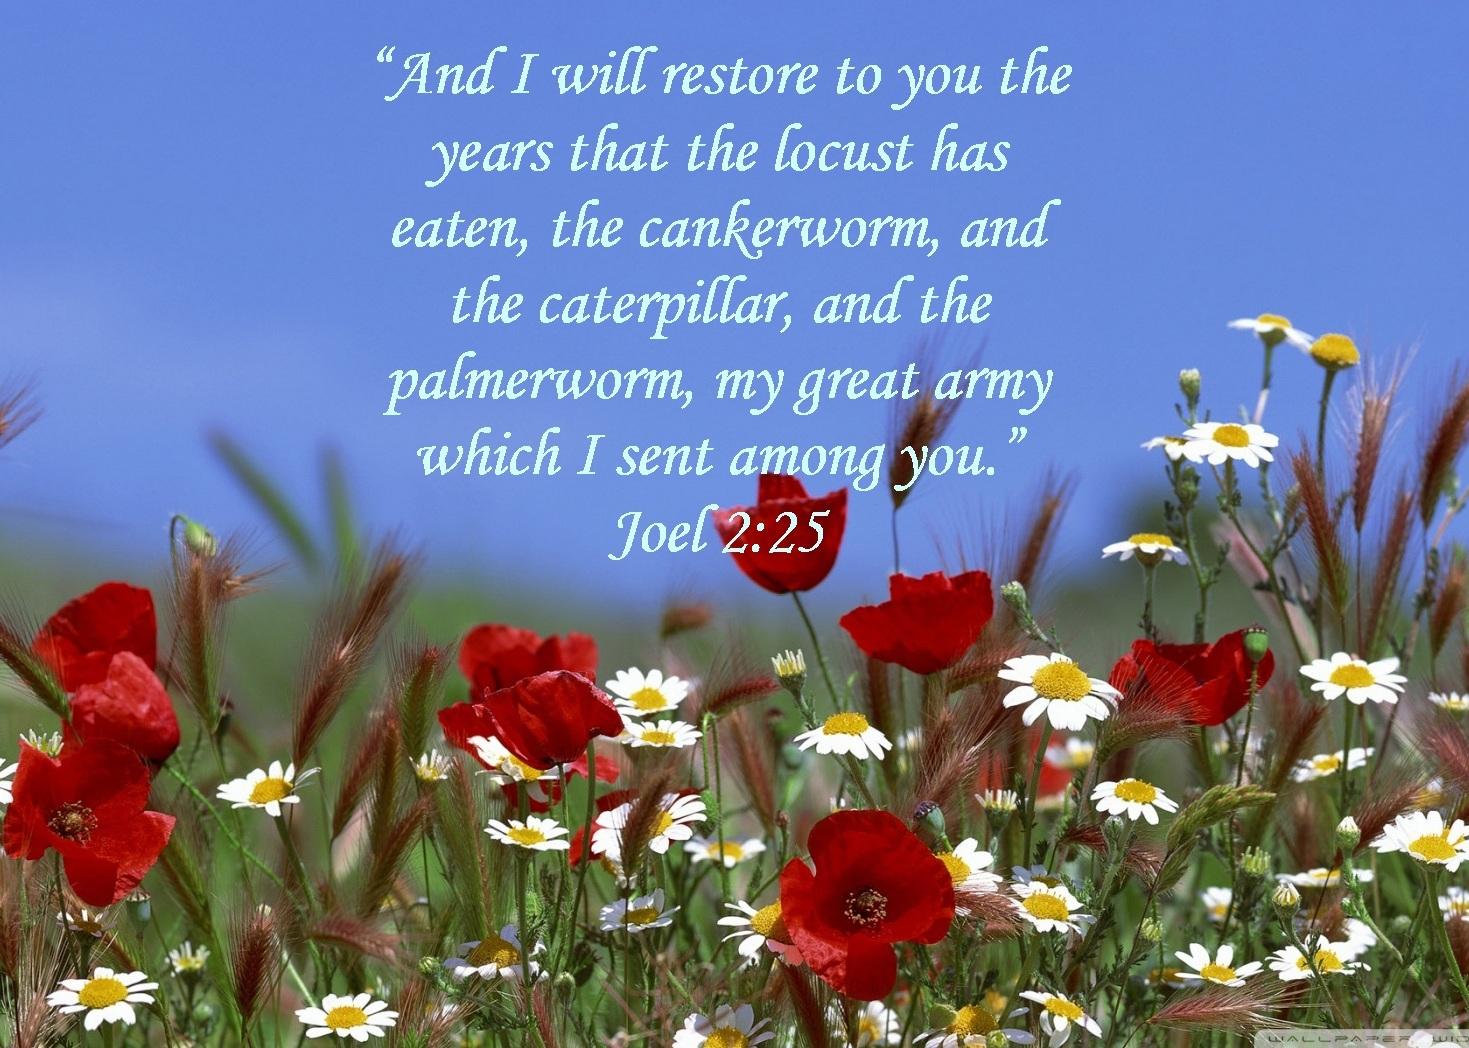 God restored blessings!